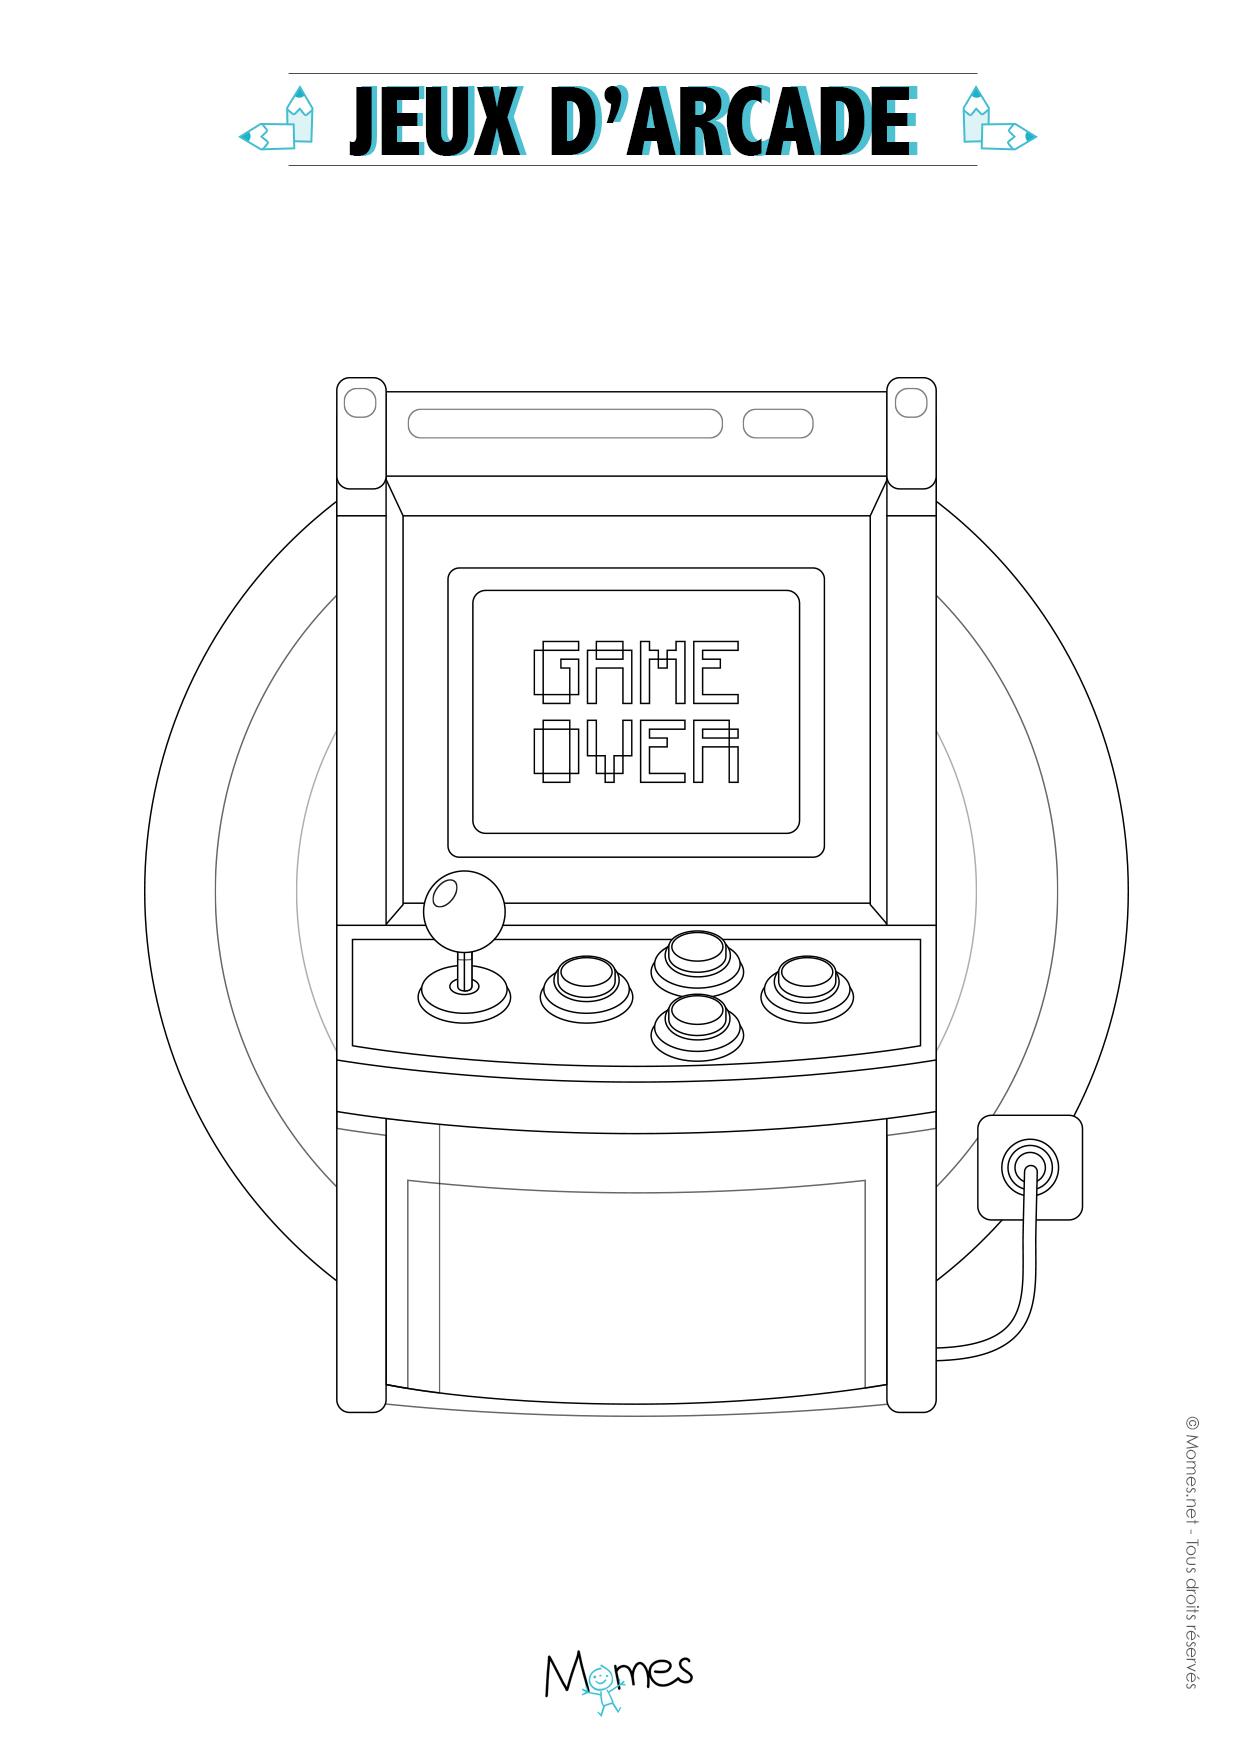 Coloriage borne arcade - Jeux et coloriage ...